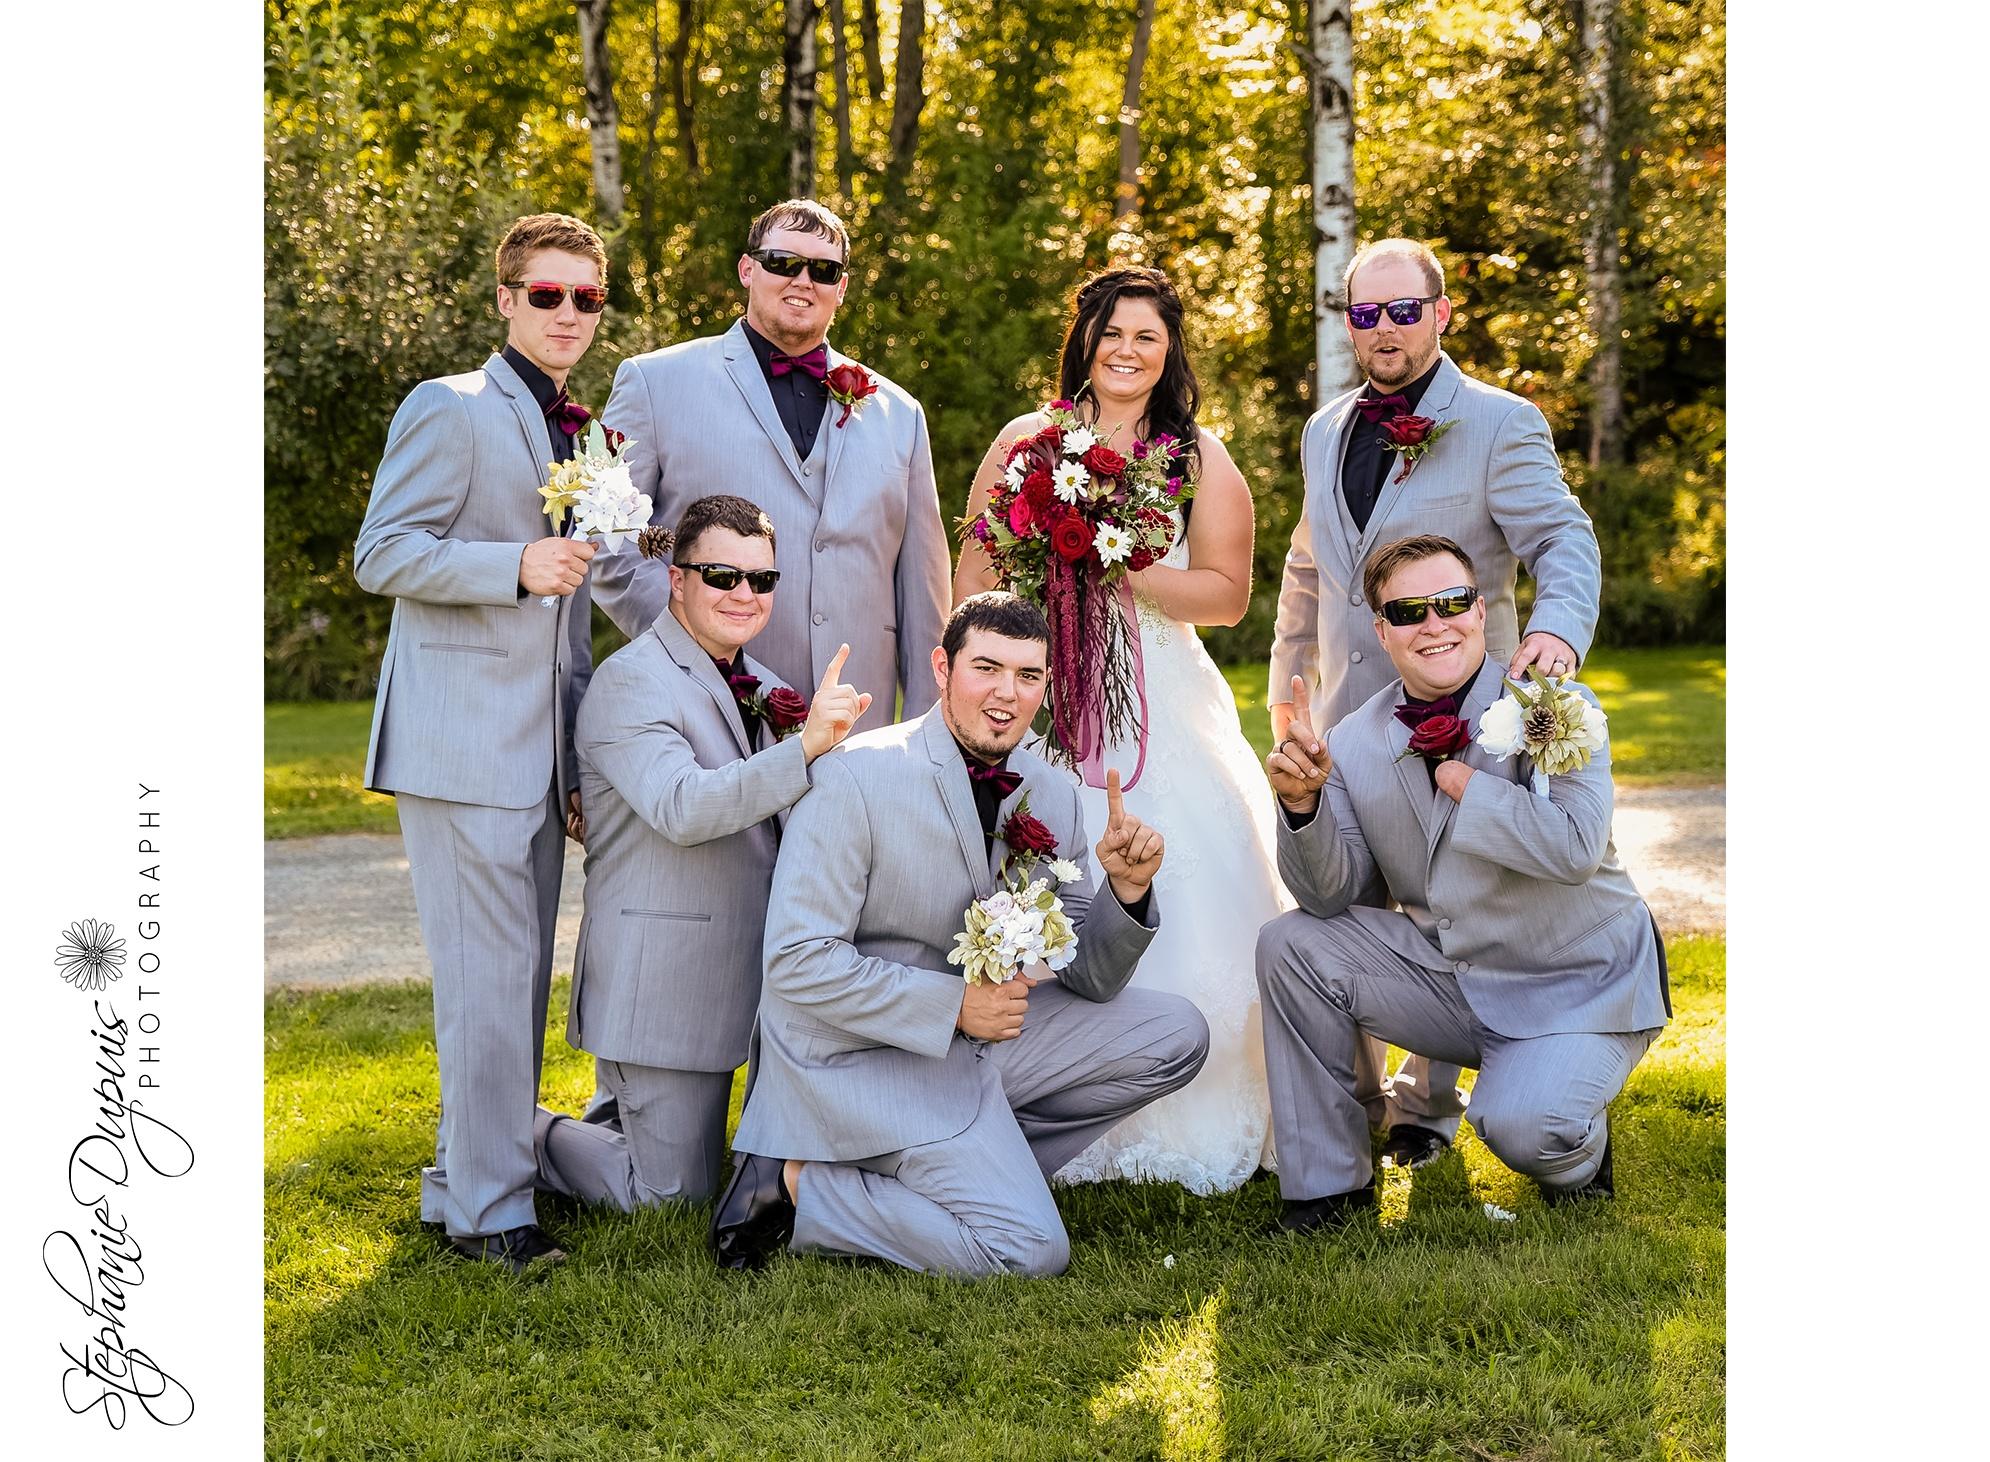 Littleton Wedding Photographer 05 - Portfolio: Brown Wedding